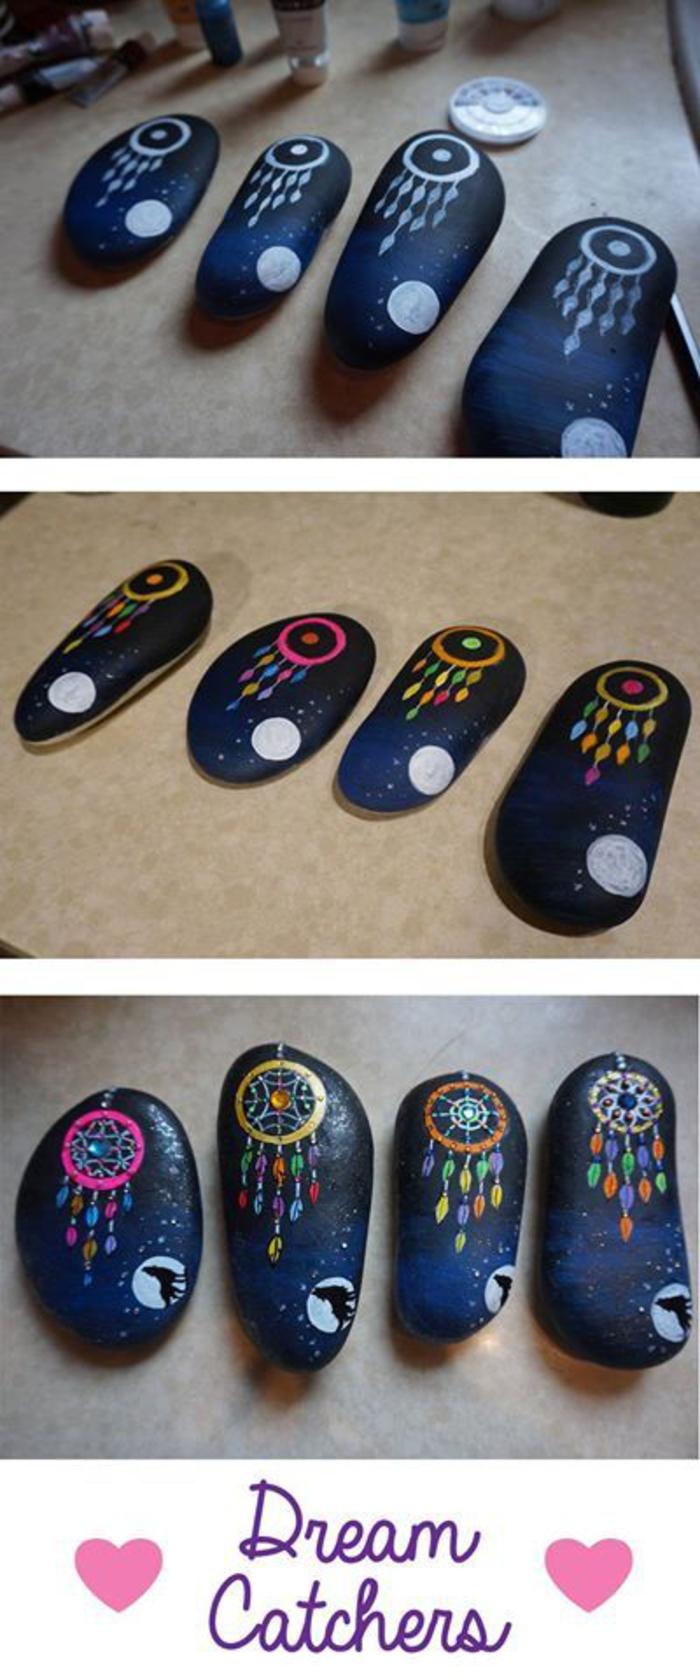 des attrape-rêves colorés sur un fond bleu de nuit, des galets décorés originaux à inspiration indienne